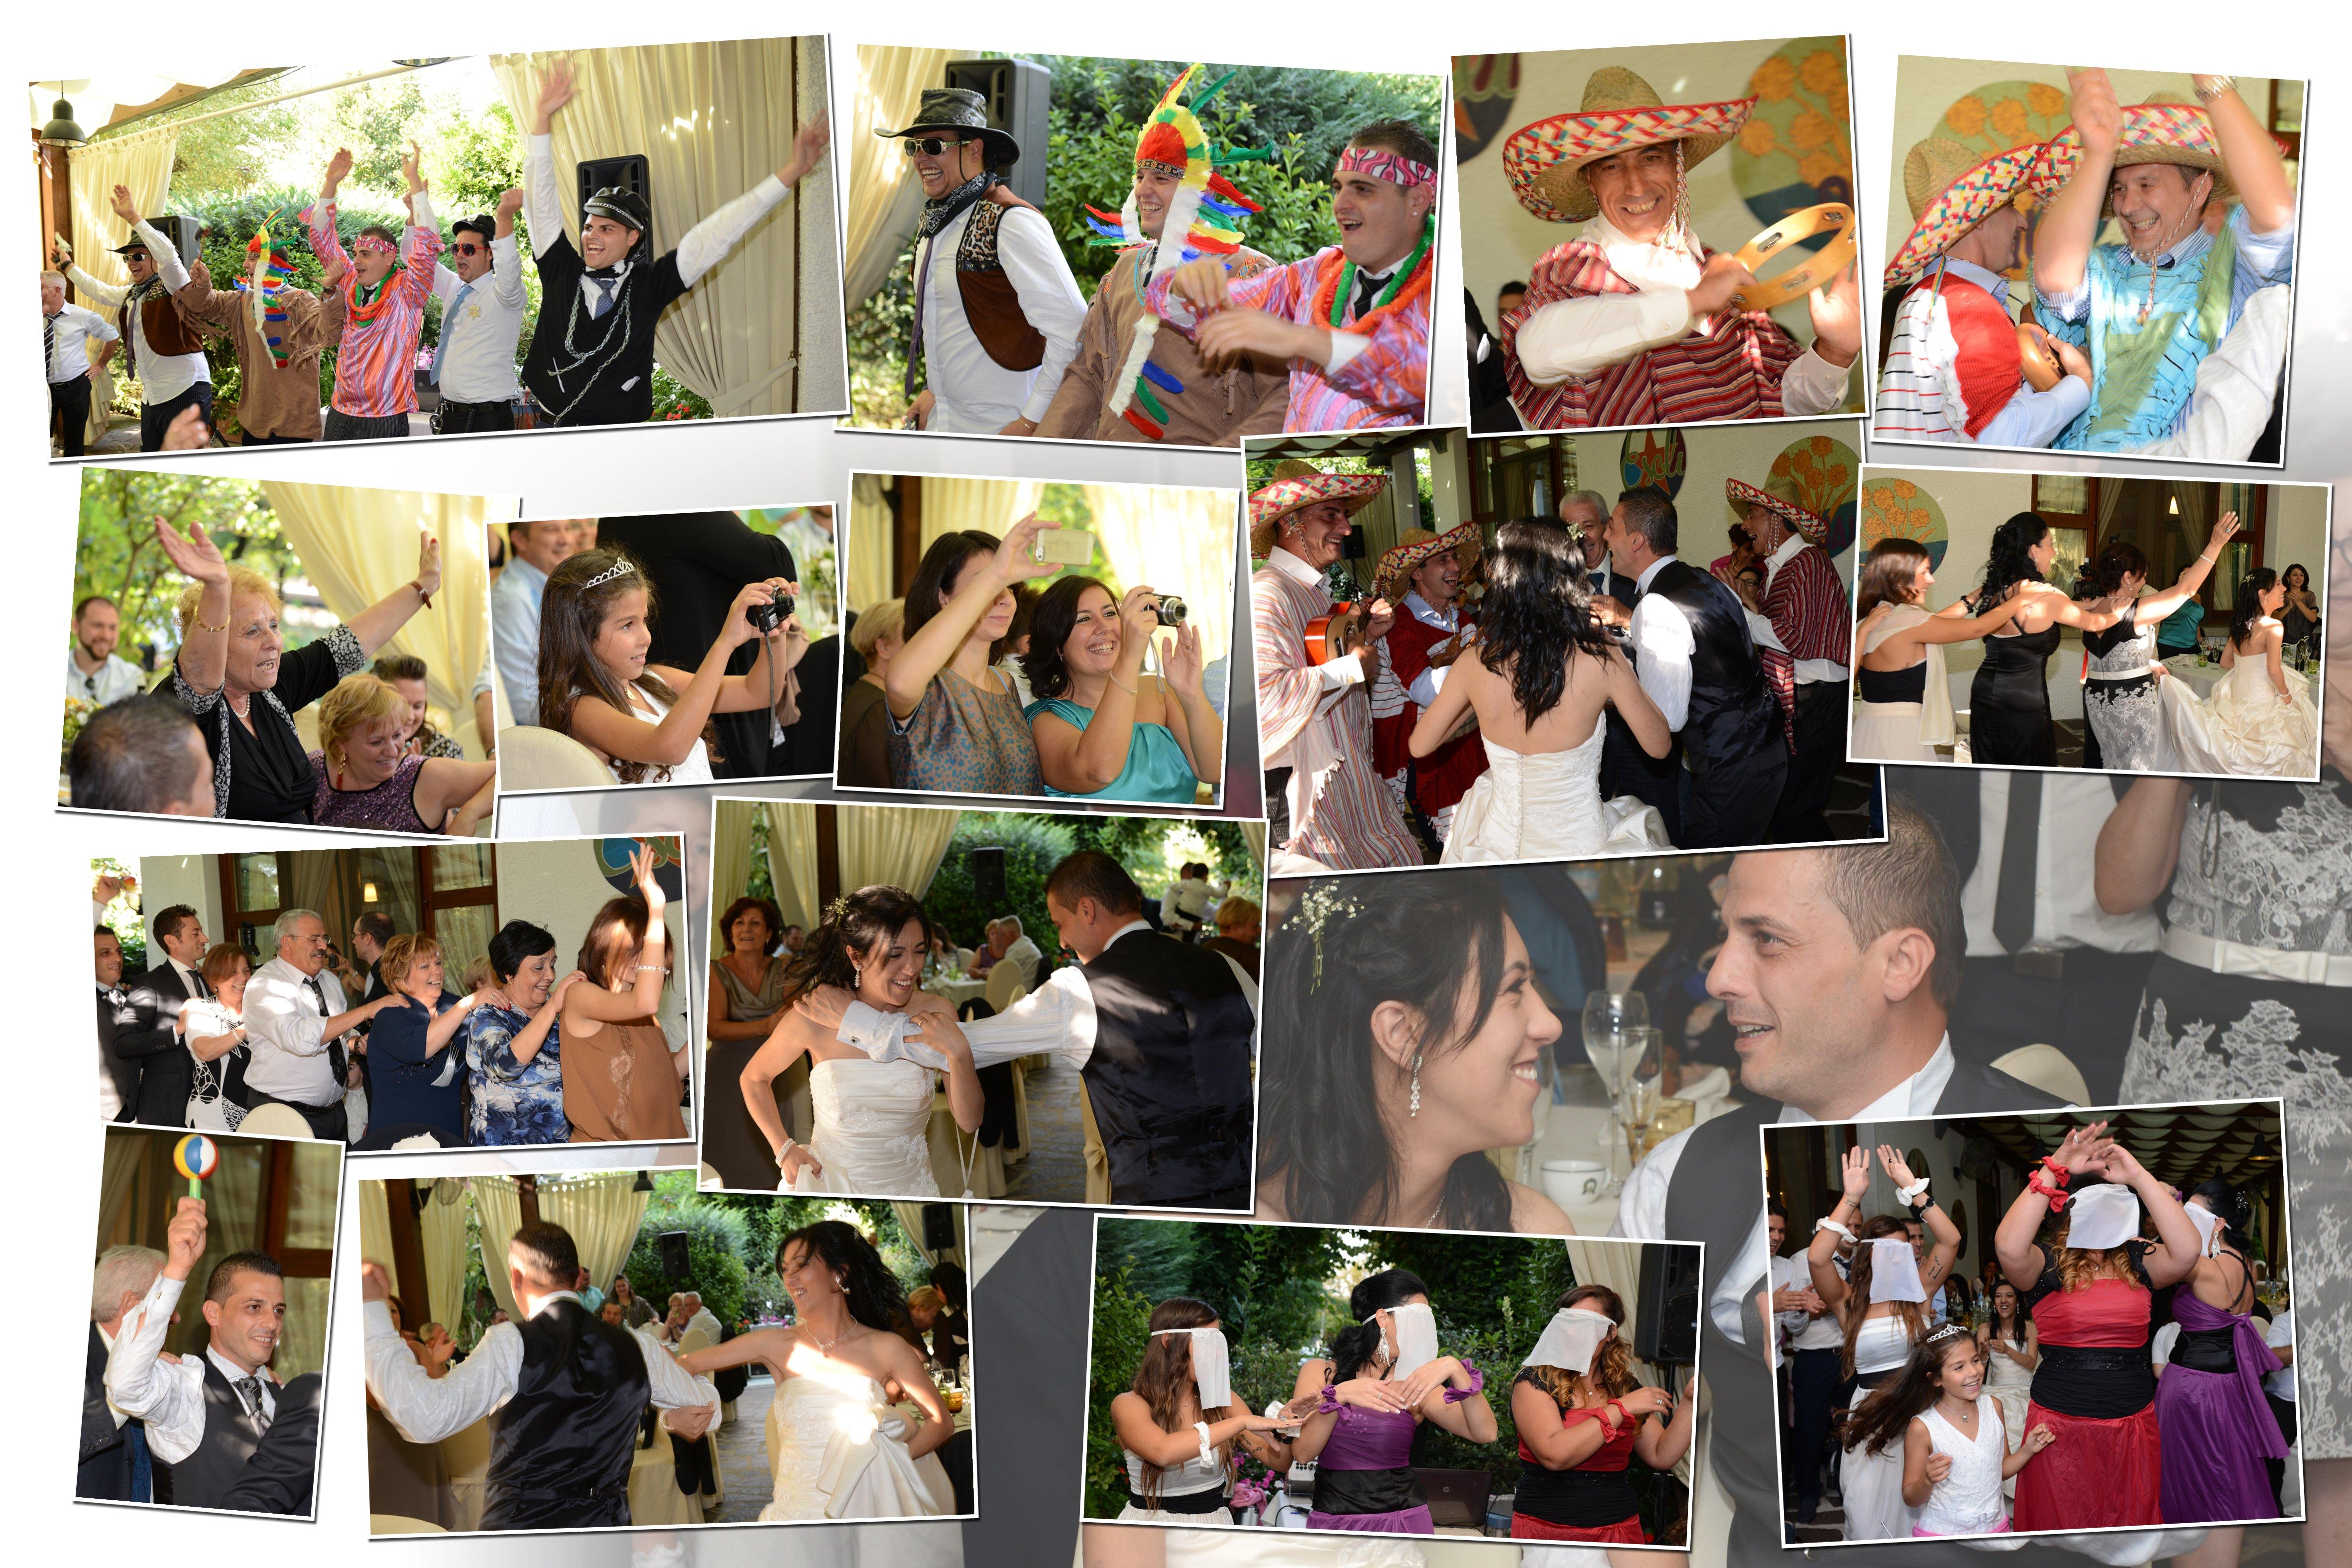 un collage di immagine delle persone che ballano in un matrimonio